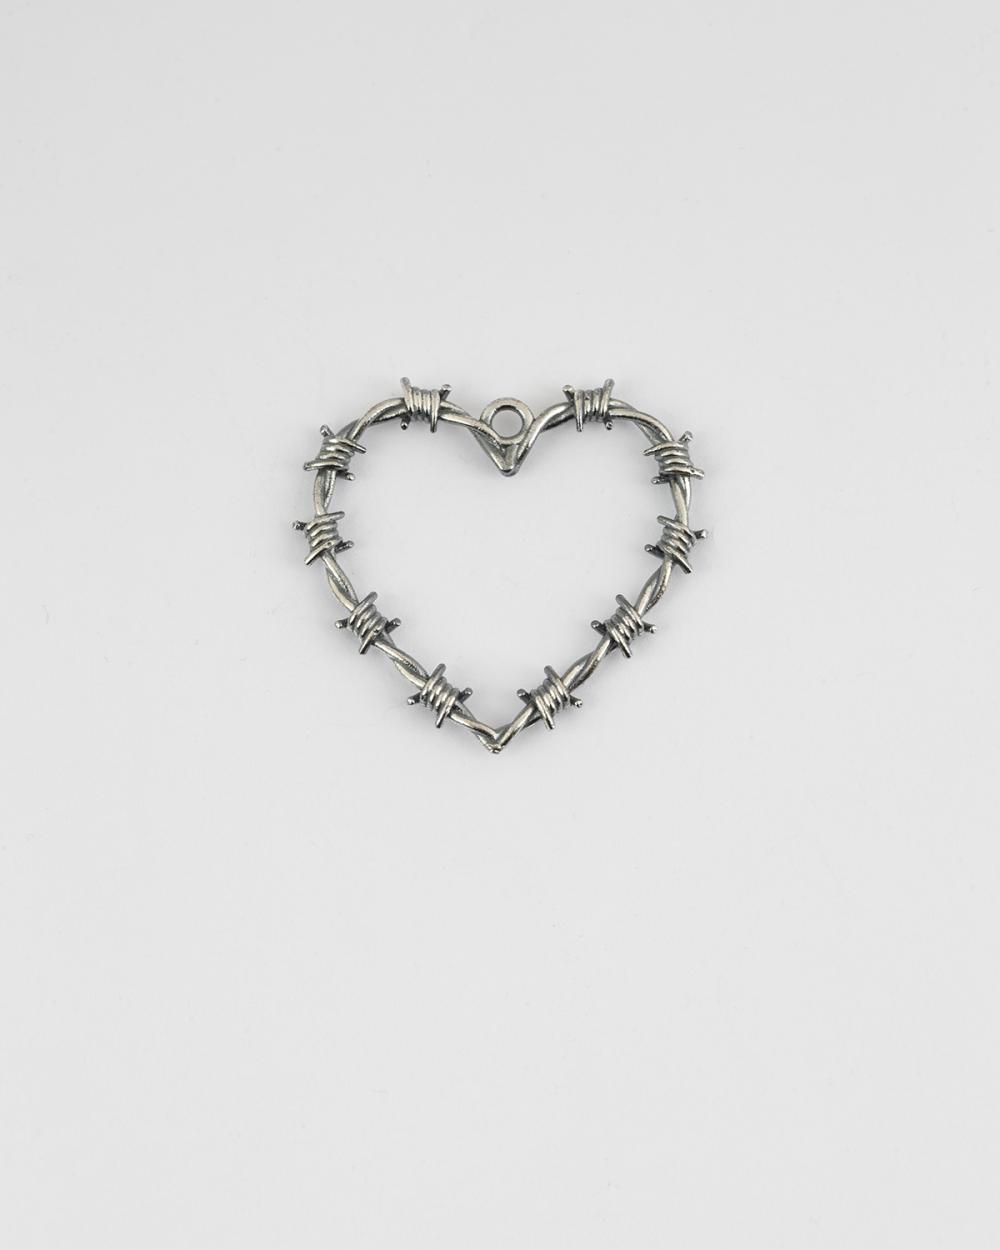 pendente cuore filo spinato